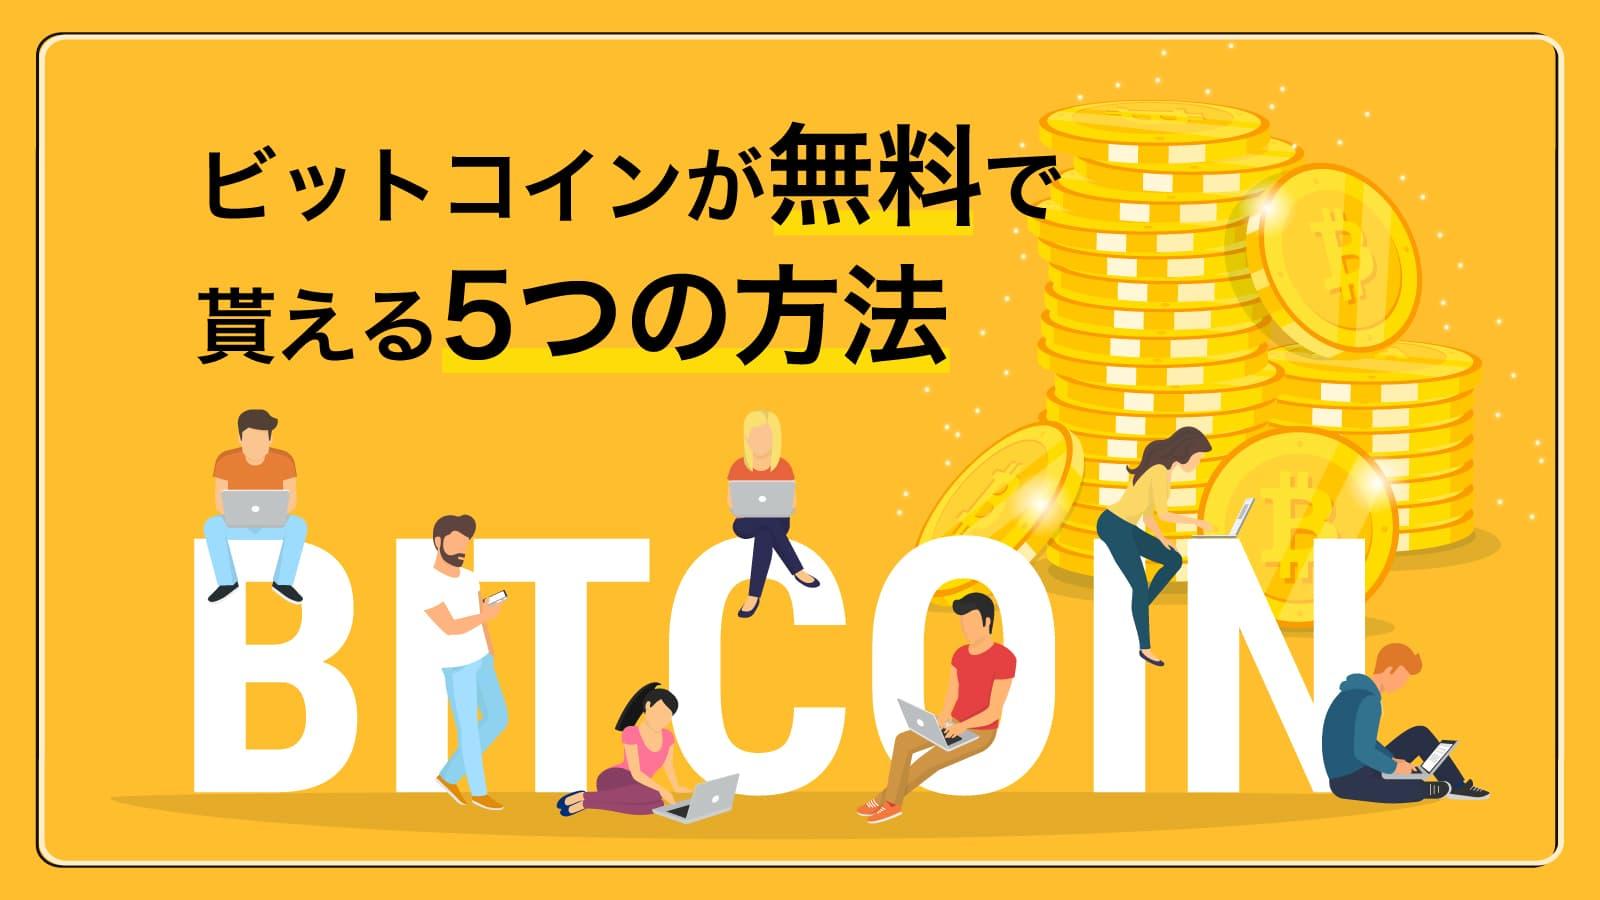 ビットコインが無料(タダ)で貰える!